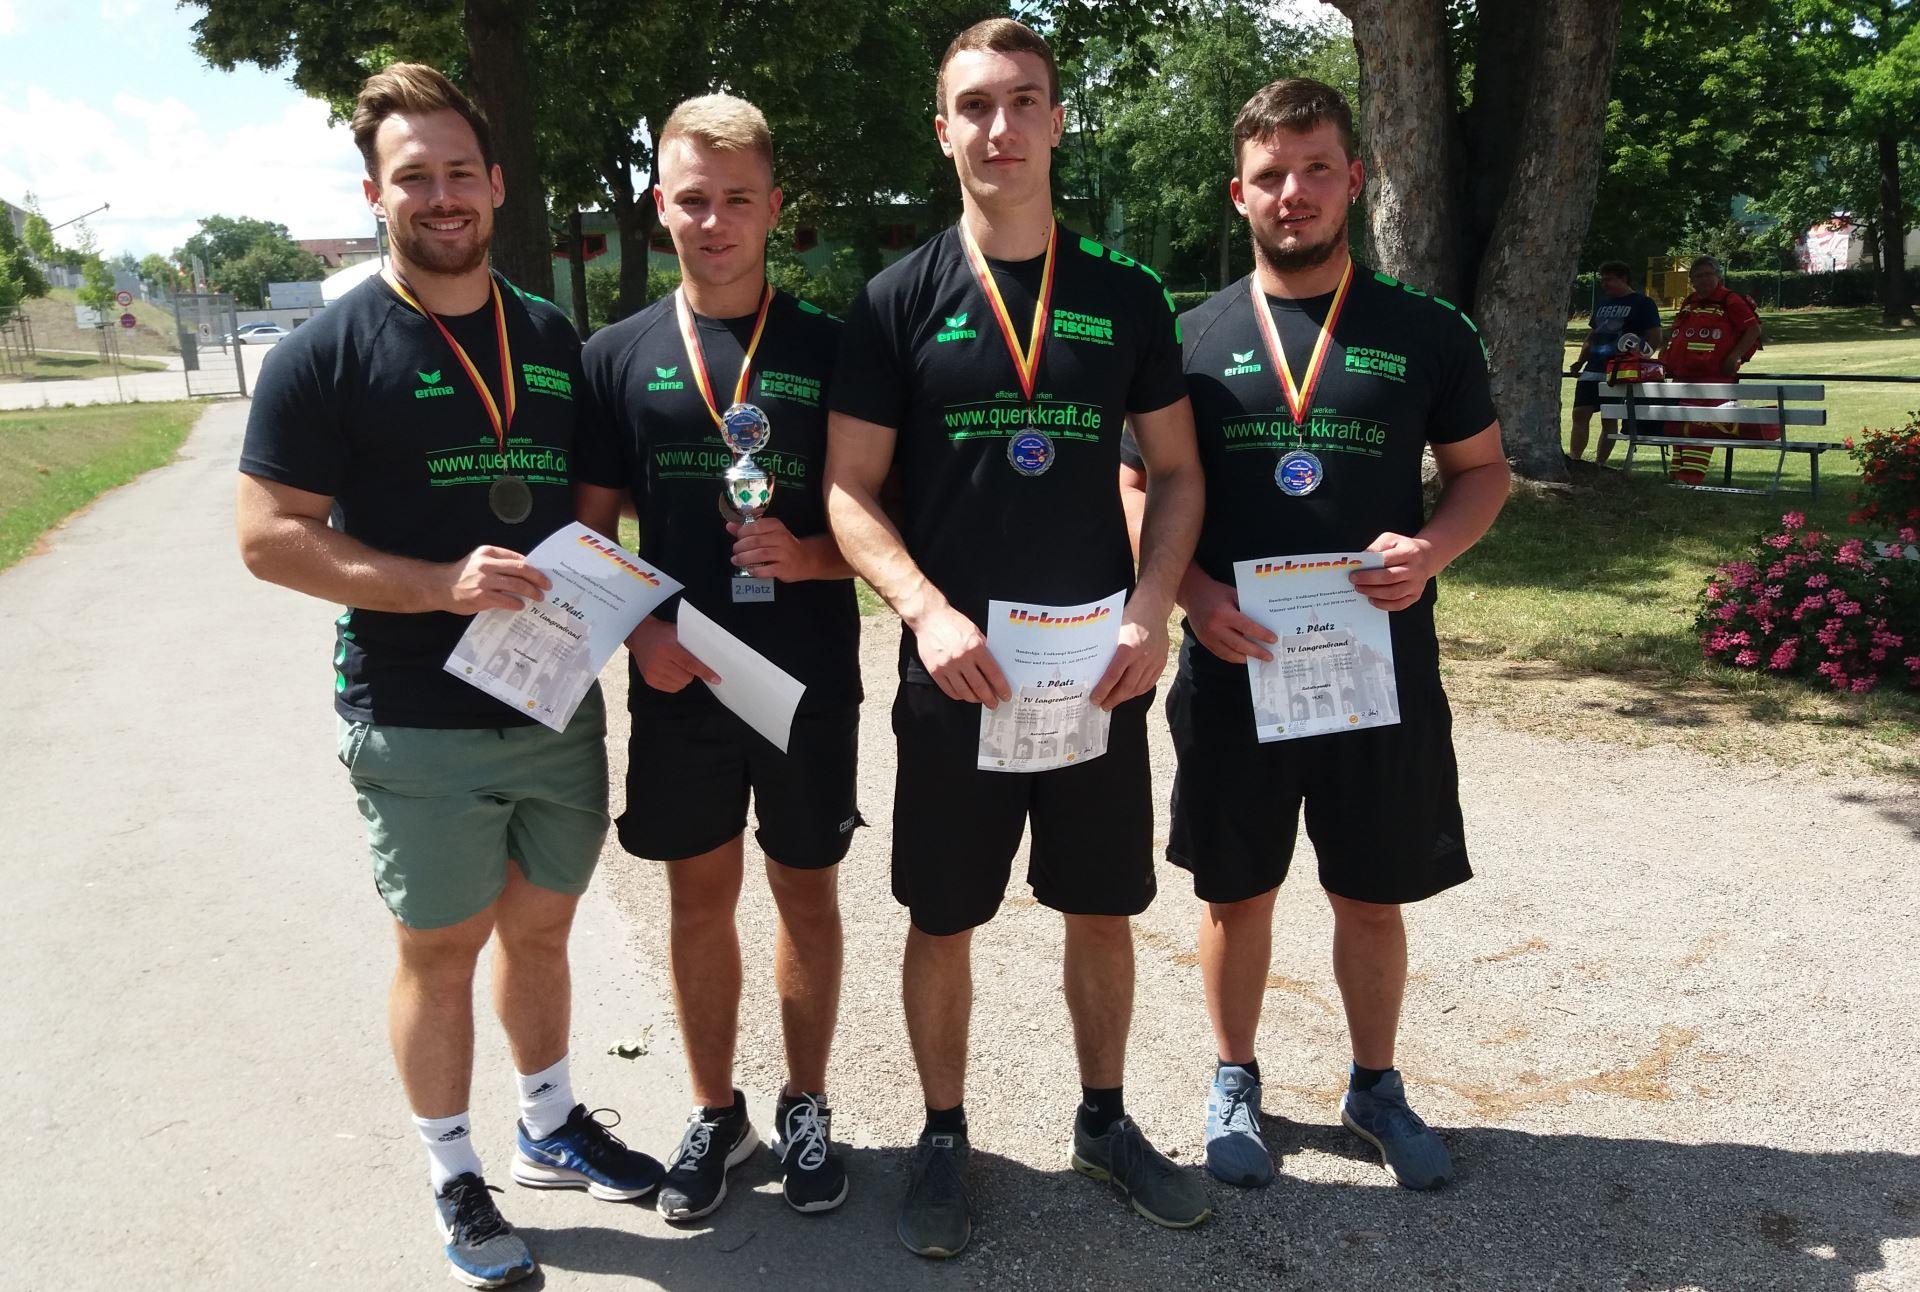 Mannschaft des TVL bei den Deutschen Meisterschaften in Erfurt